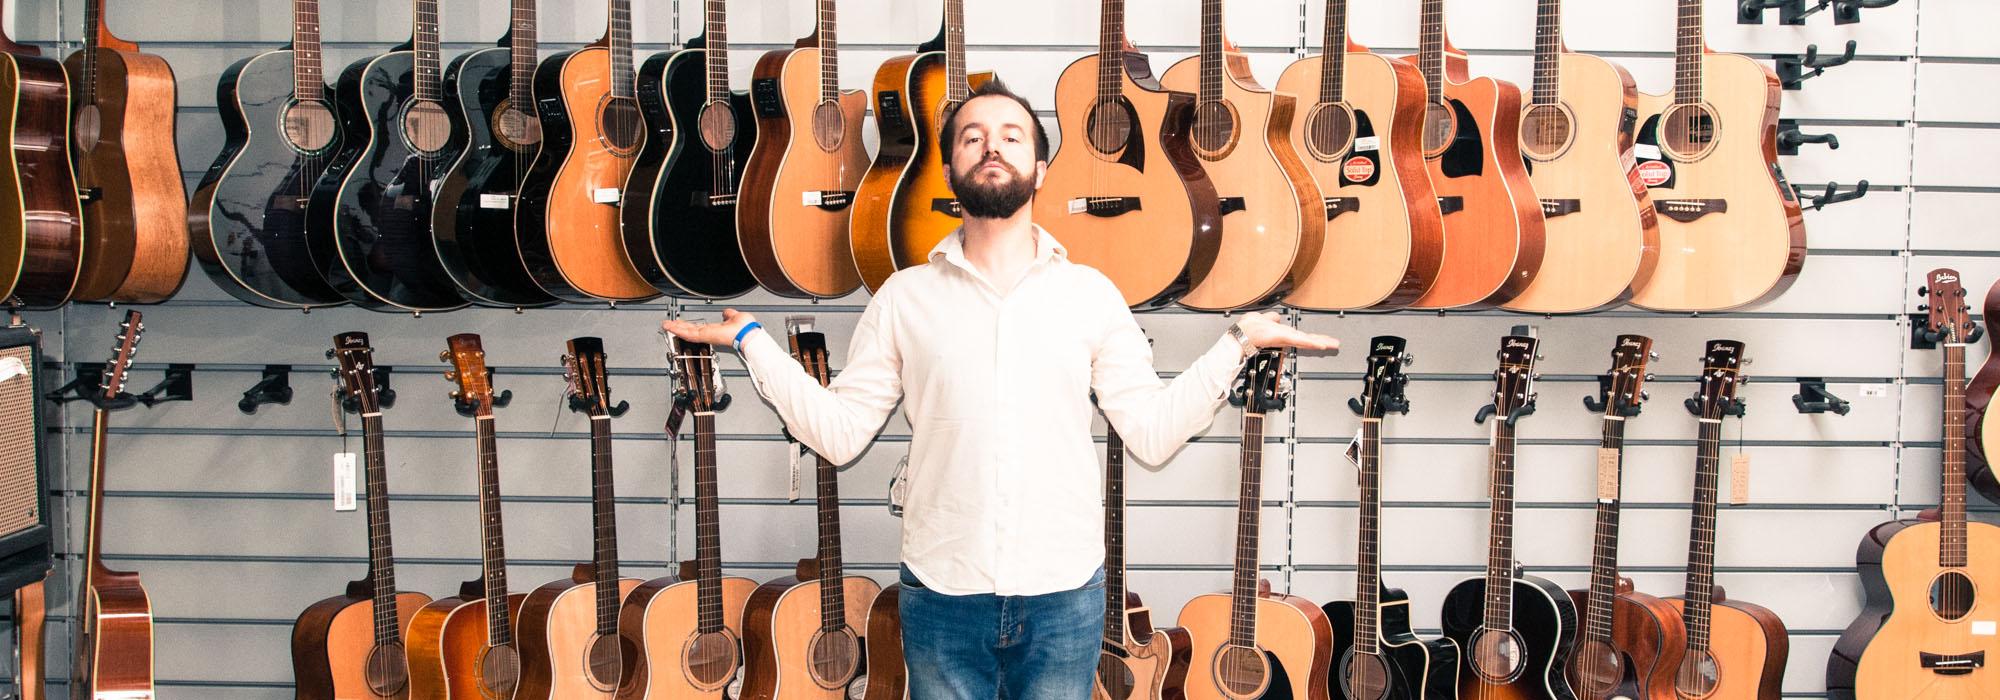 alessandro gatta chitarre-4